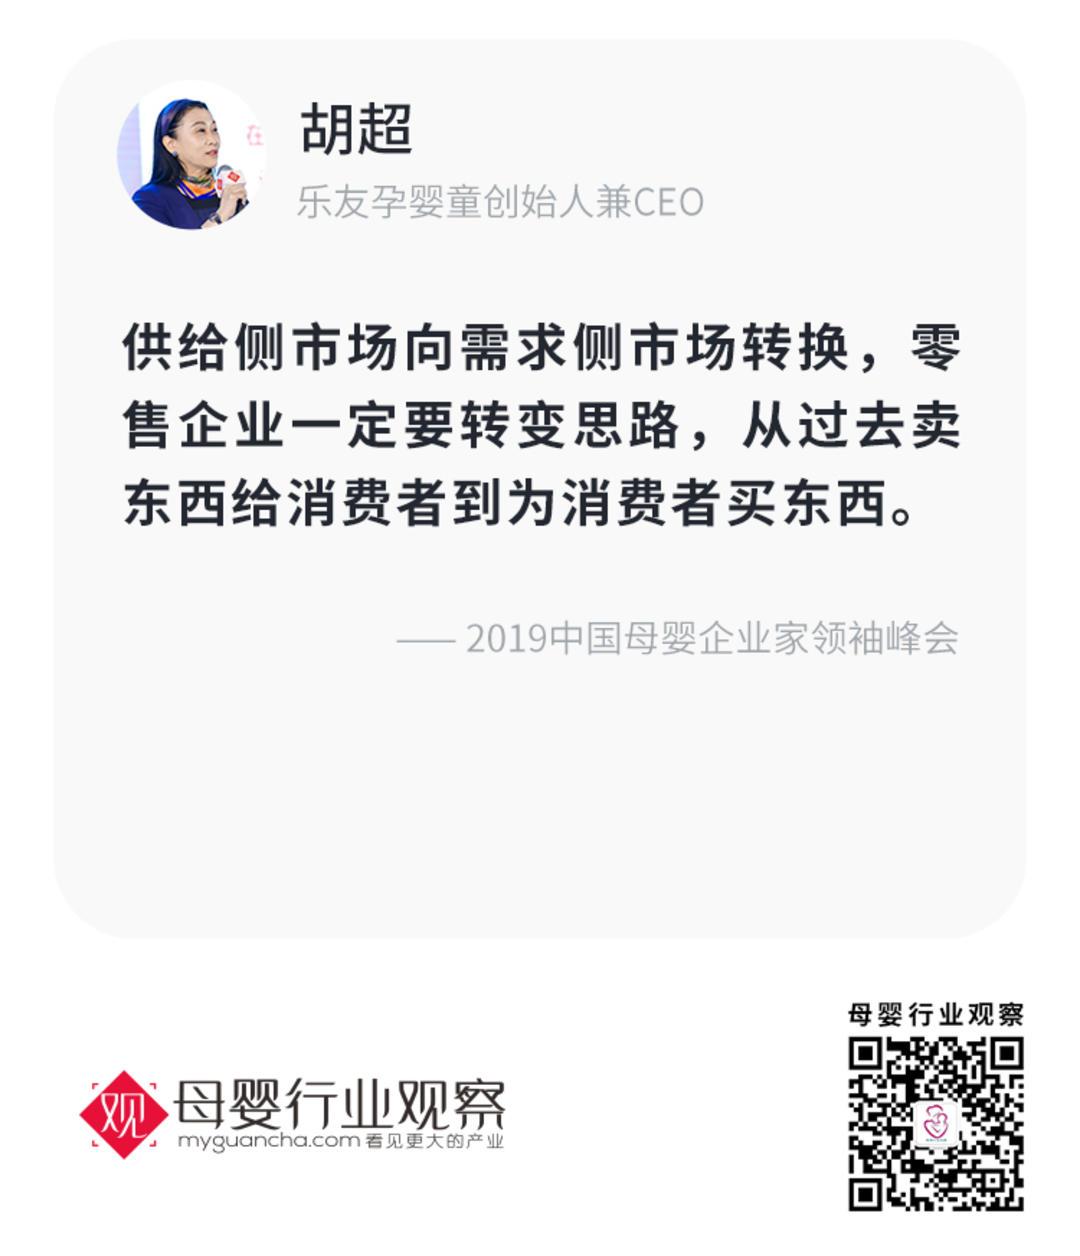 微信图片_20200114103451.jpg